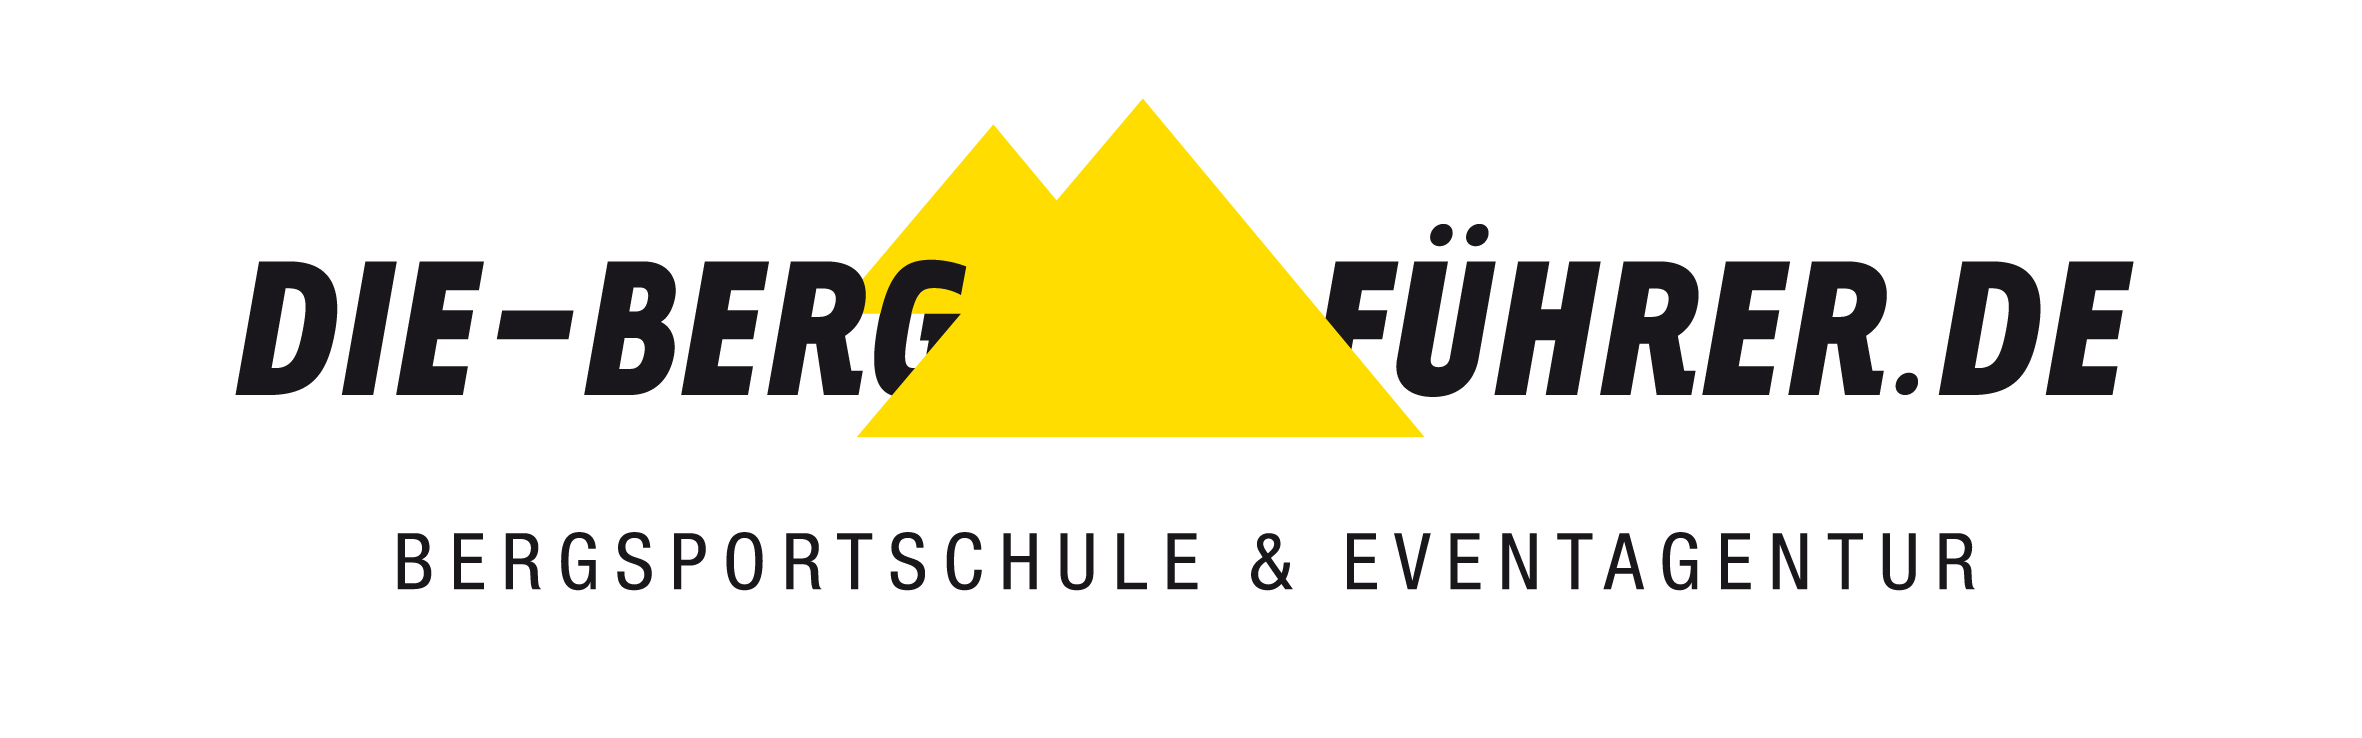 BF.DE_Logo_pos